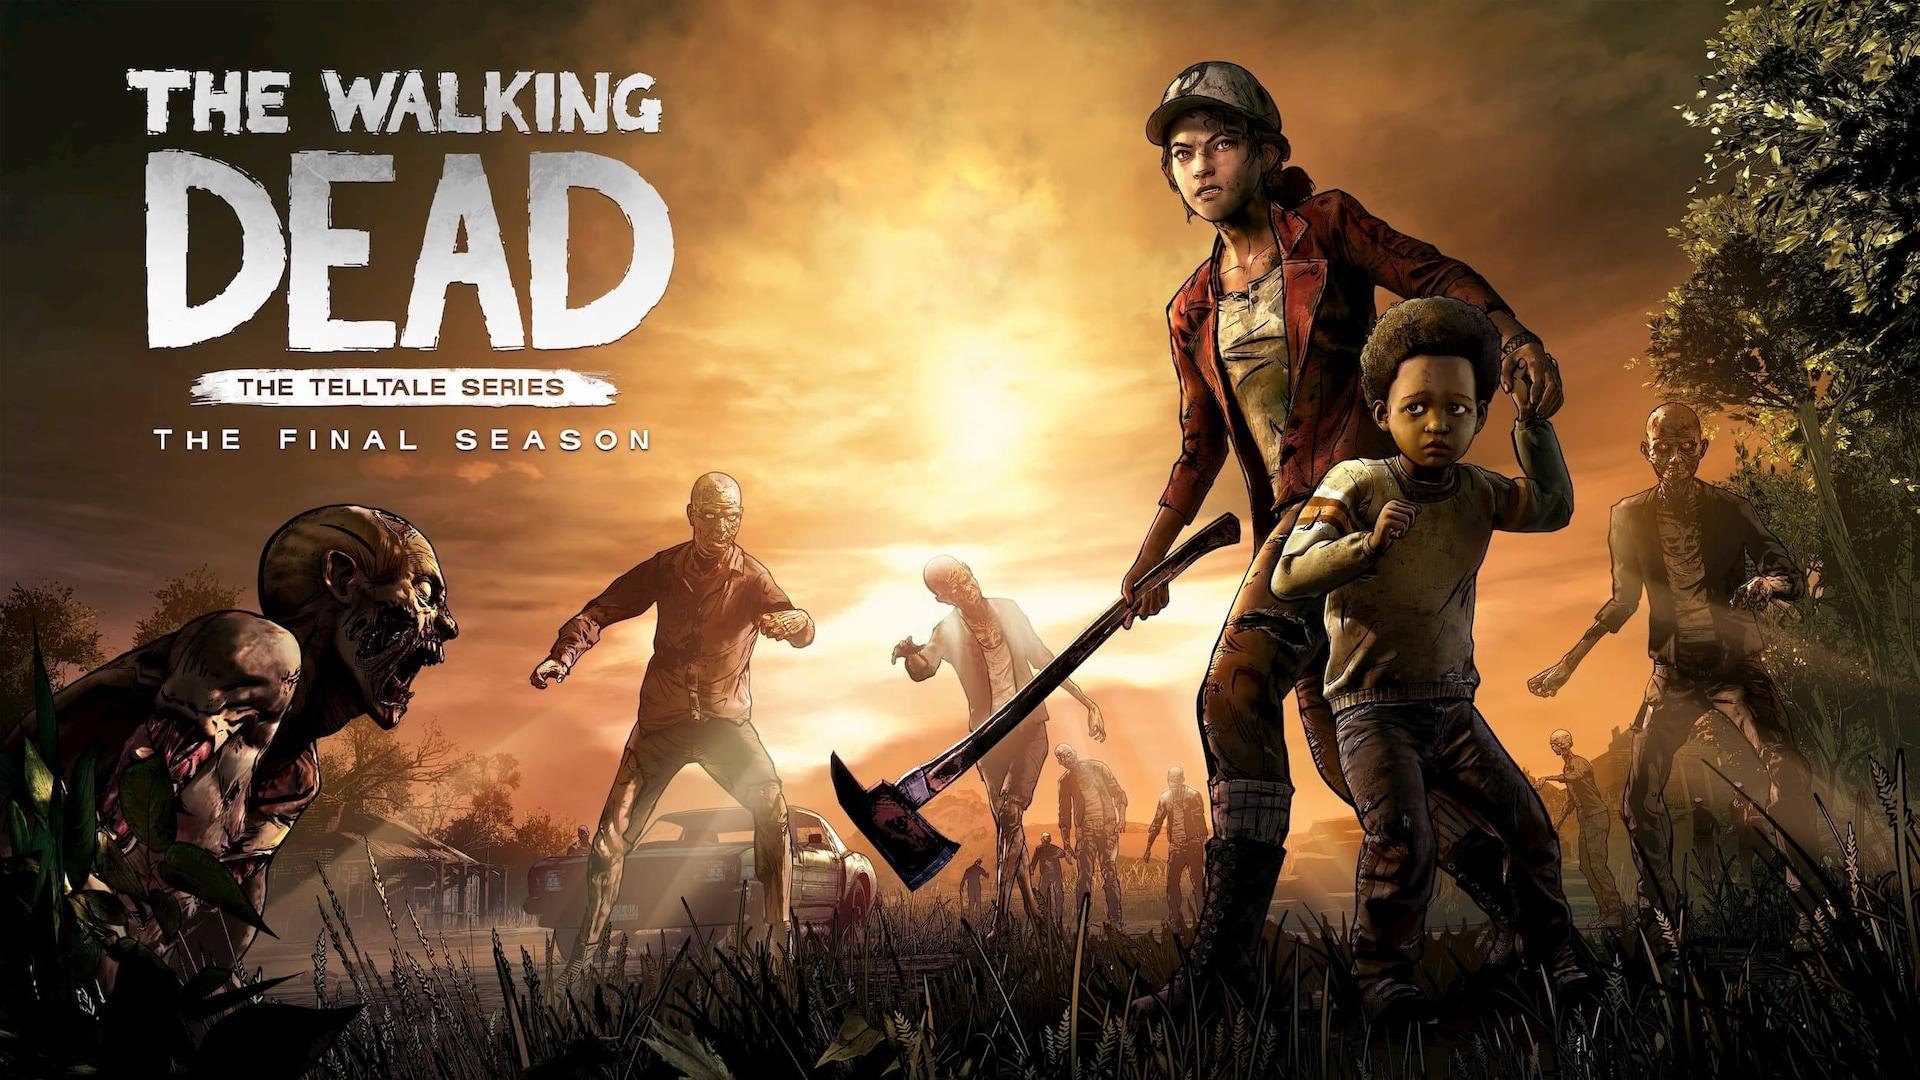 The Walking Dead Final Season The Walking Dead The Final